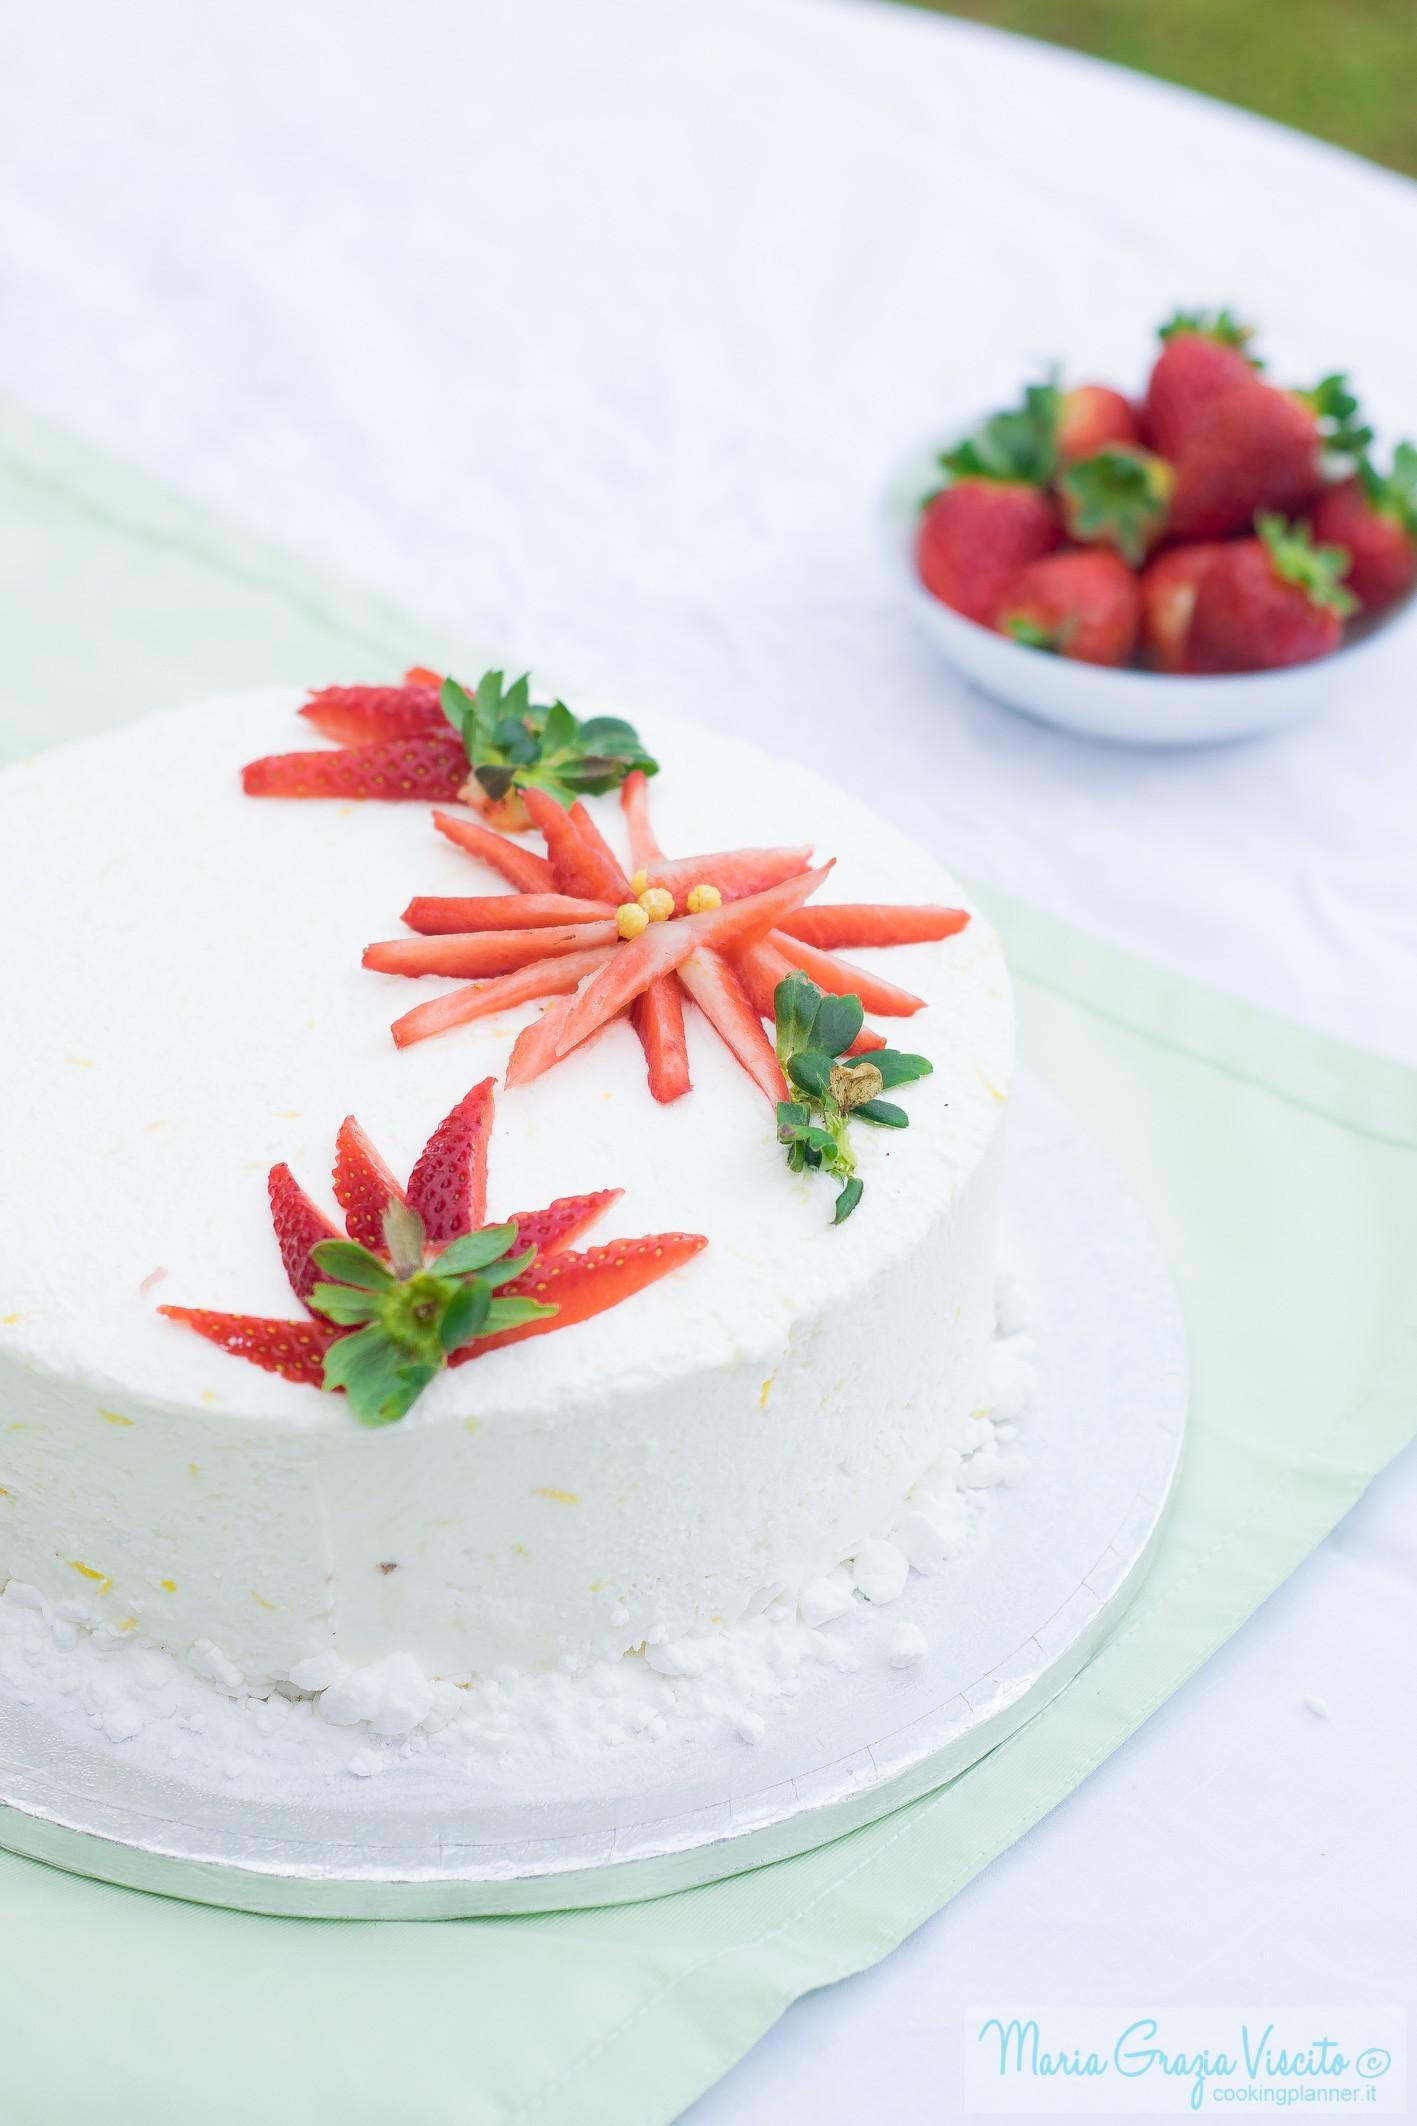 Torta limone fragole e pistacchio cooking planner for Decorazione limone